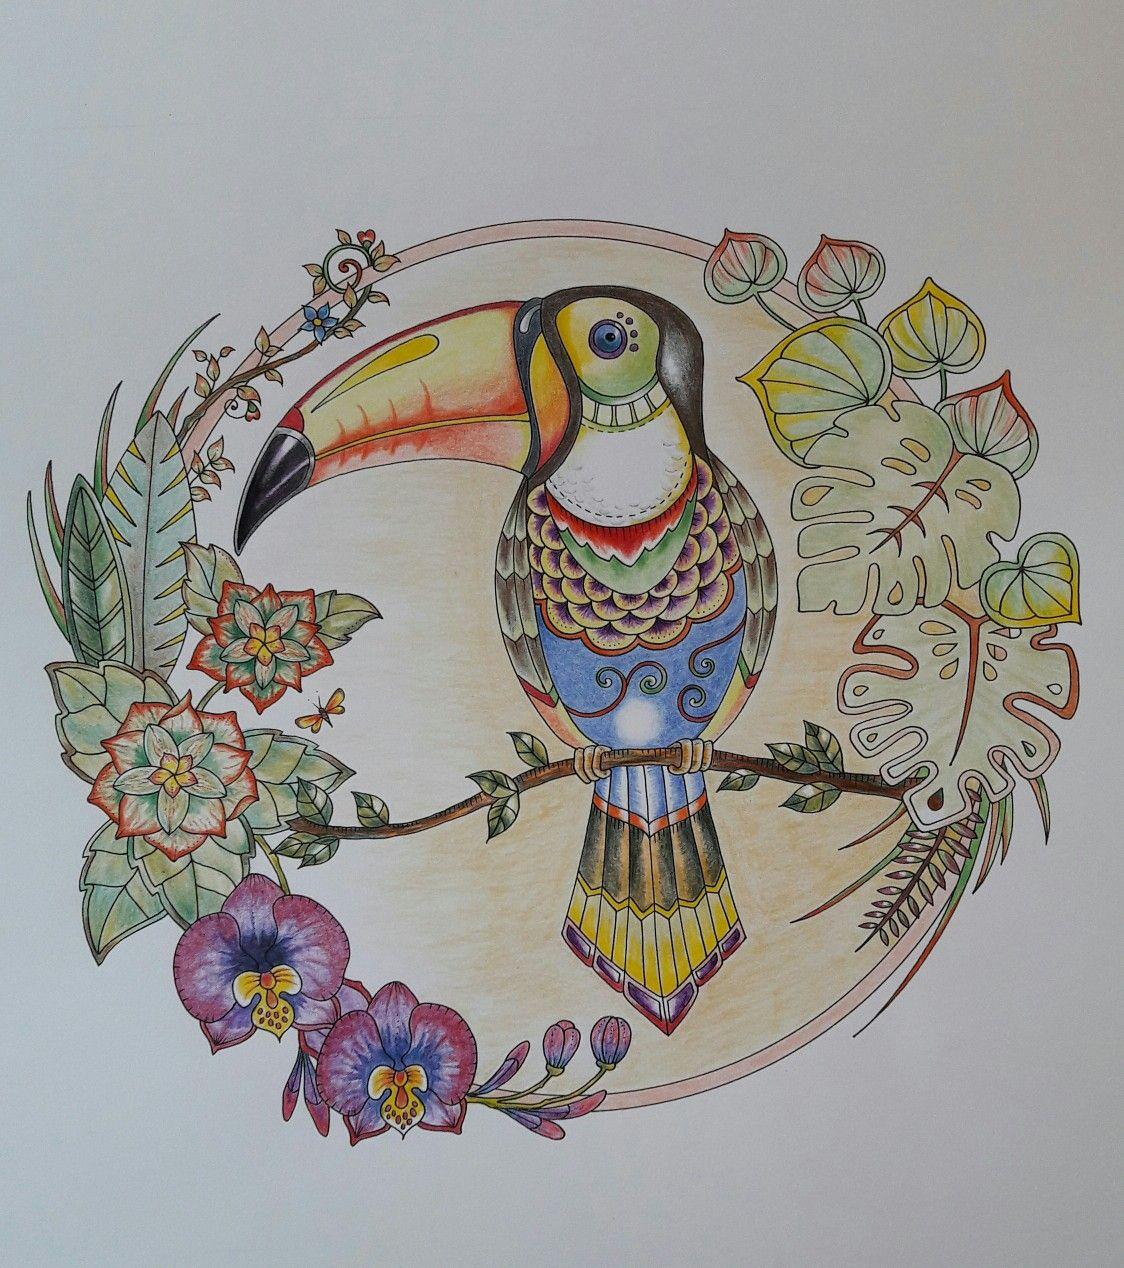 Kleurplaat Ingekleurd Gereed Voor Verdere Uitwerking Tot Driedimensionaal Schilderij Schilderij Kleurplaten